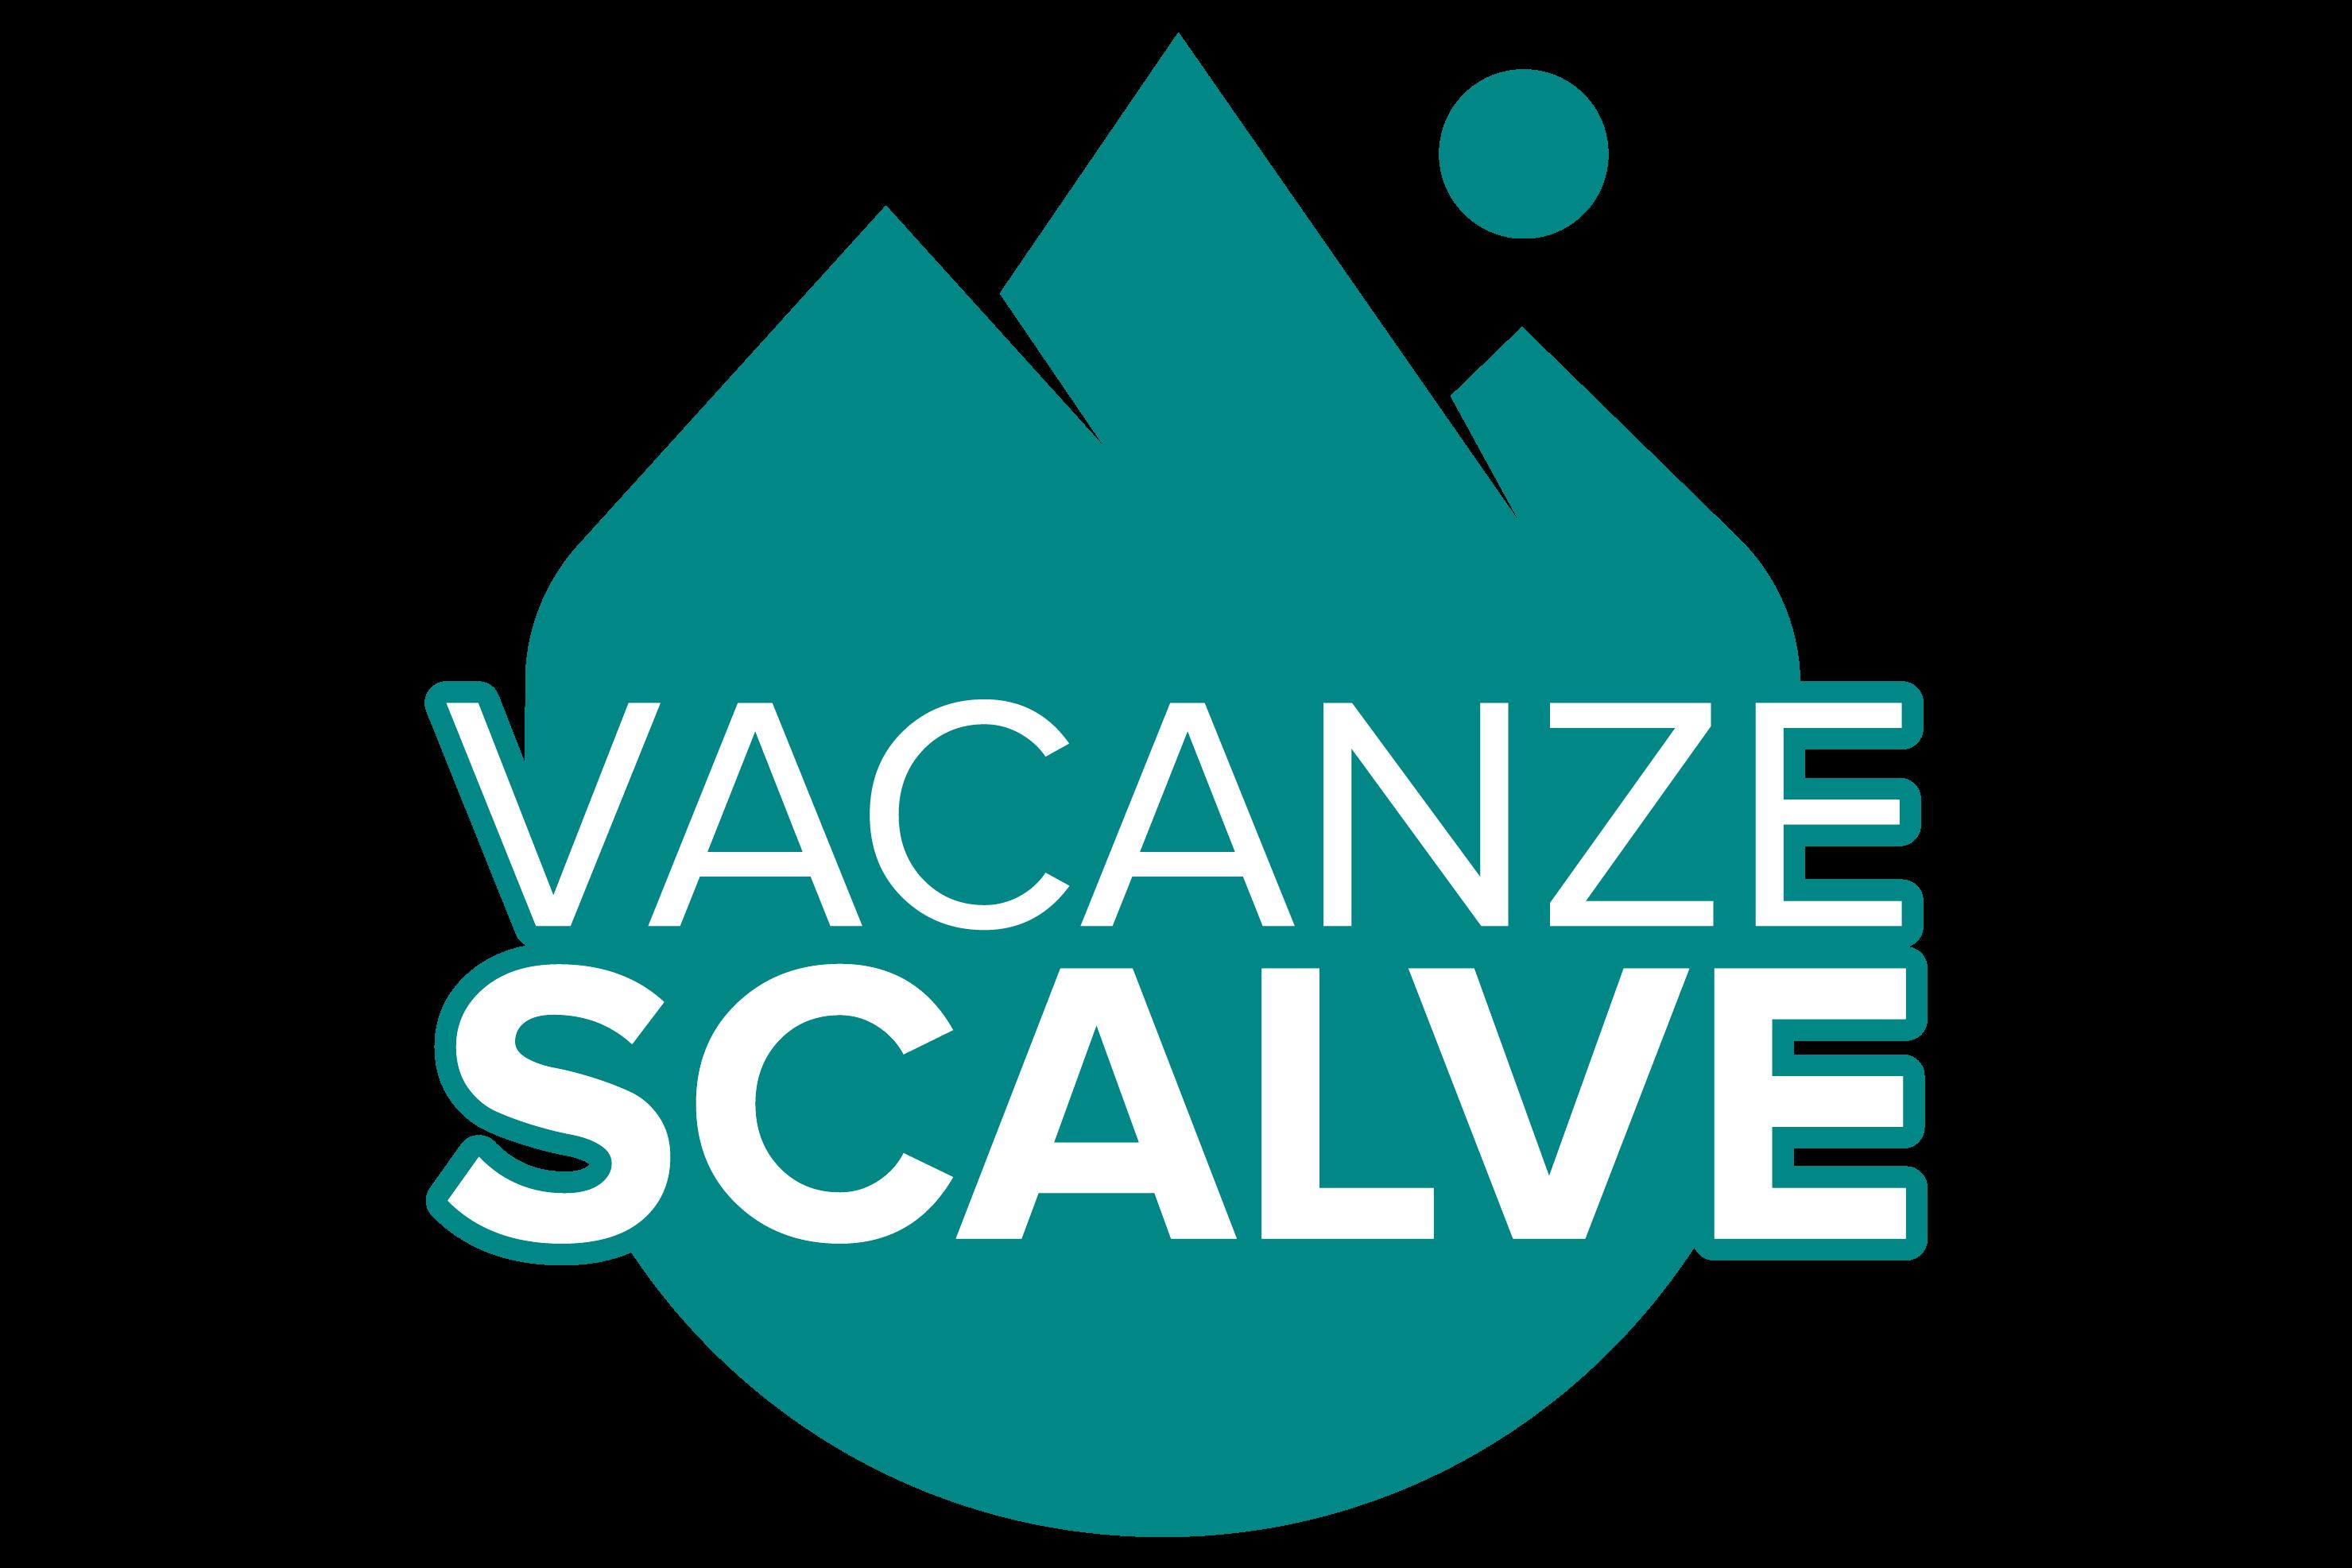 Vacanze Scalve